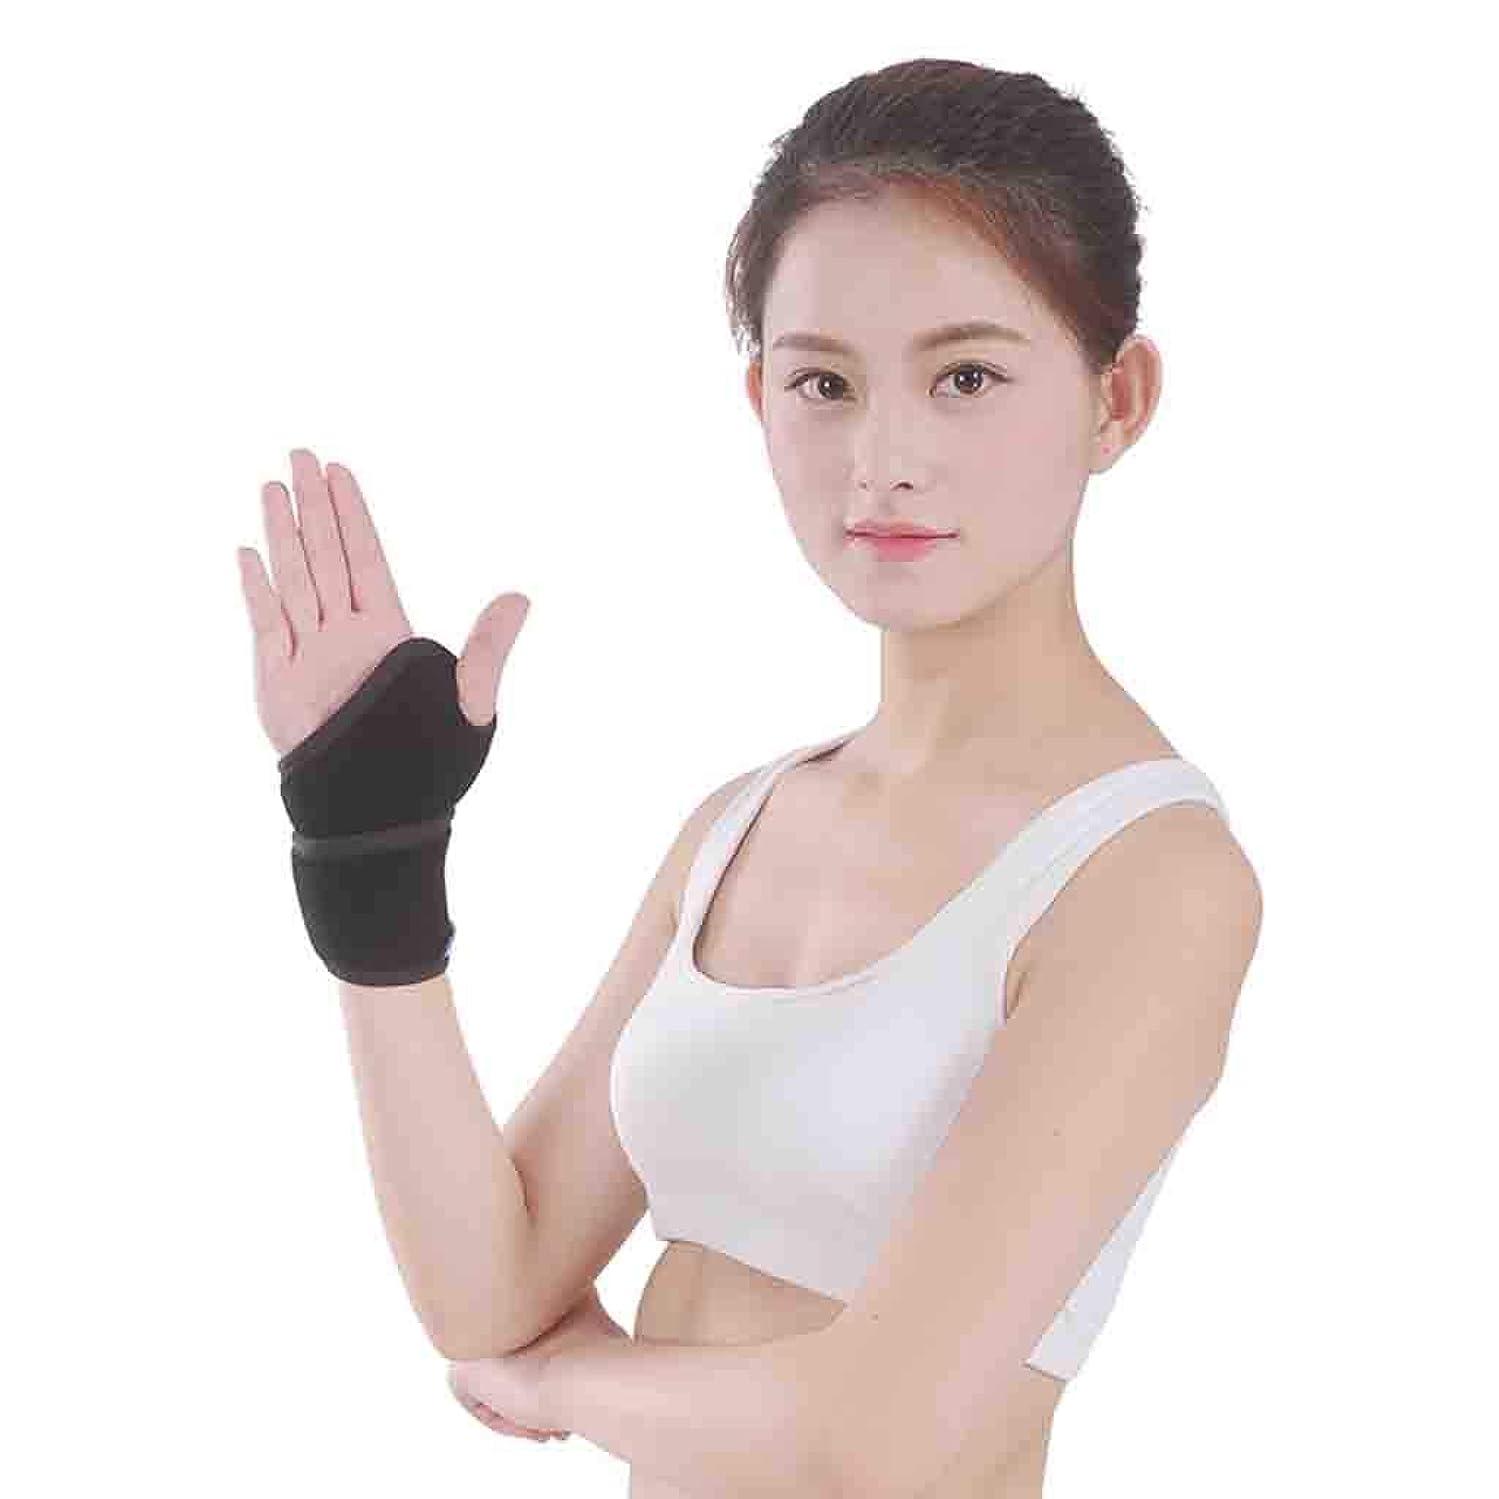 ヘルパー努力するキャプション関節炎のための親指のスプリントベージュの親指のブレース関節炎や軟組織の傷害、軽量と通気性のための腱膜炎のリストバンド Roscloud@